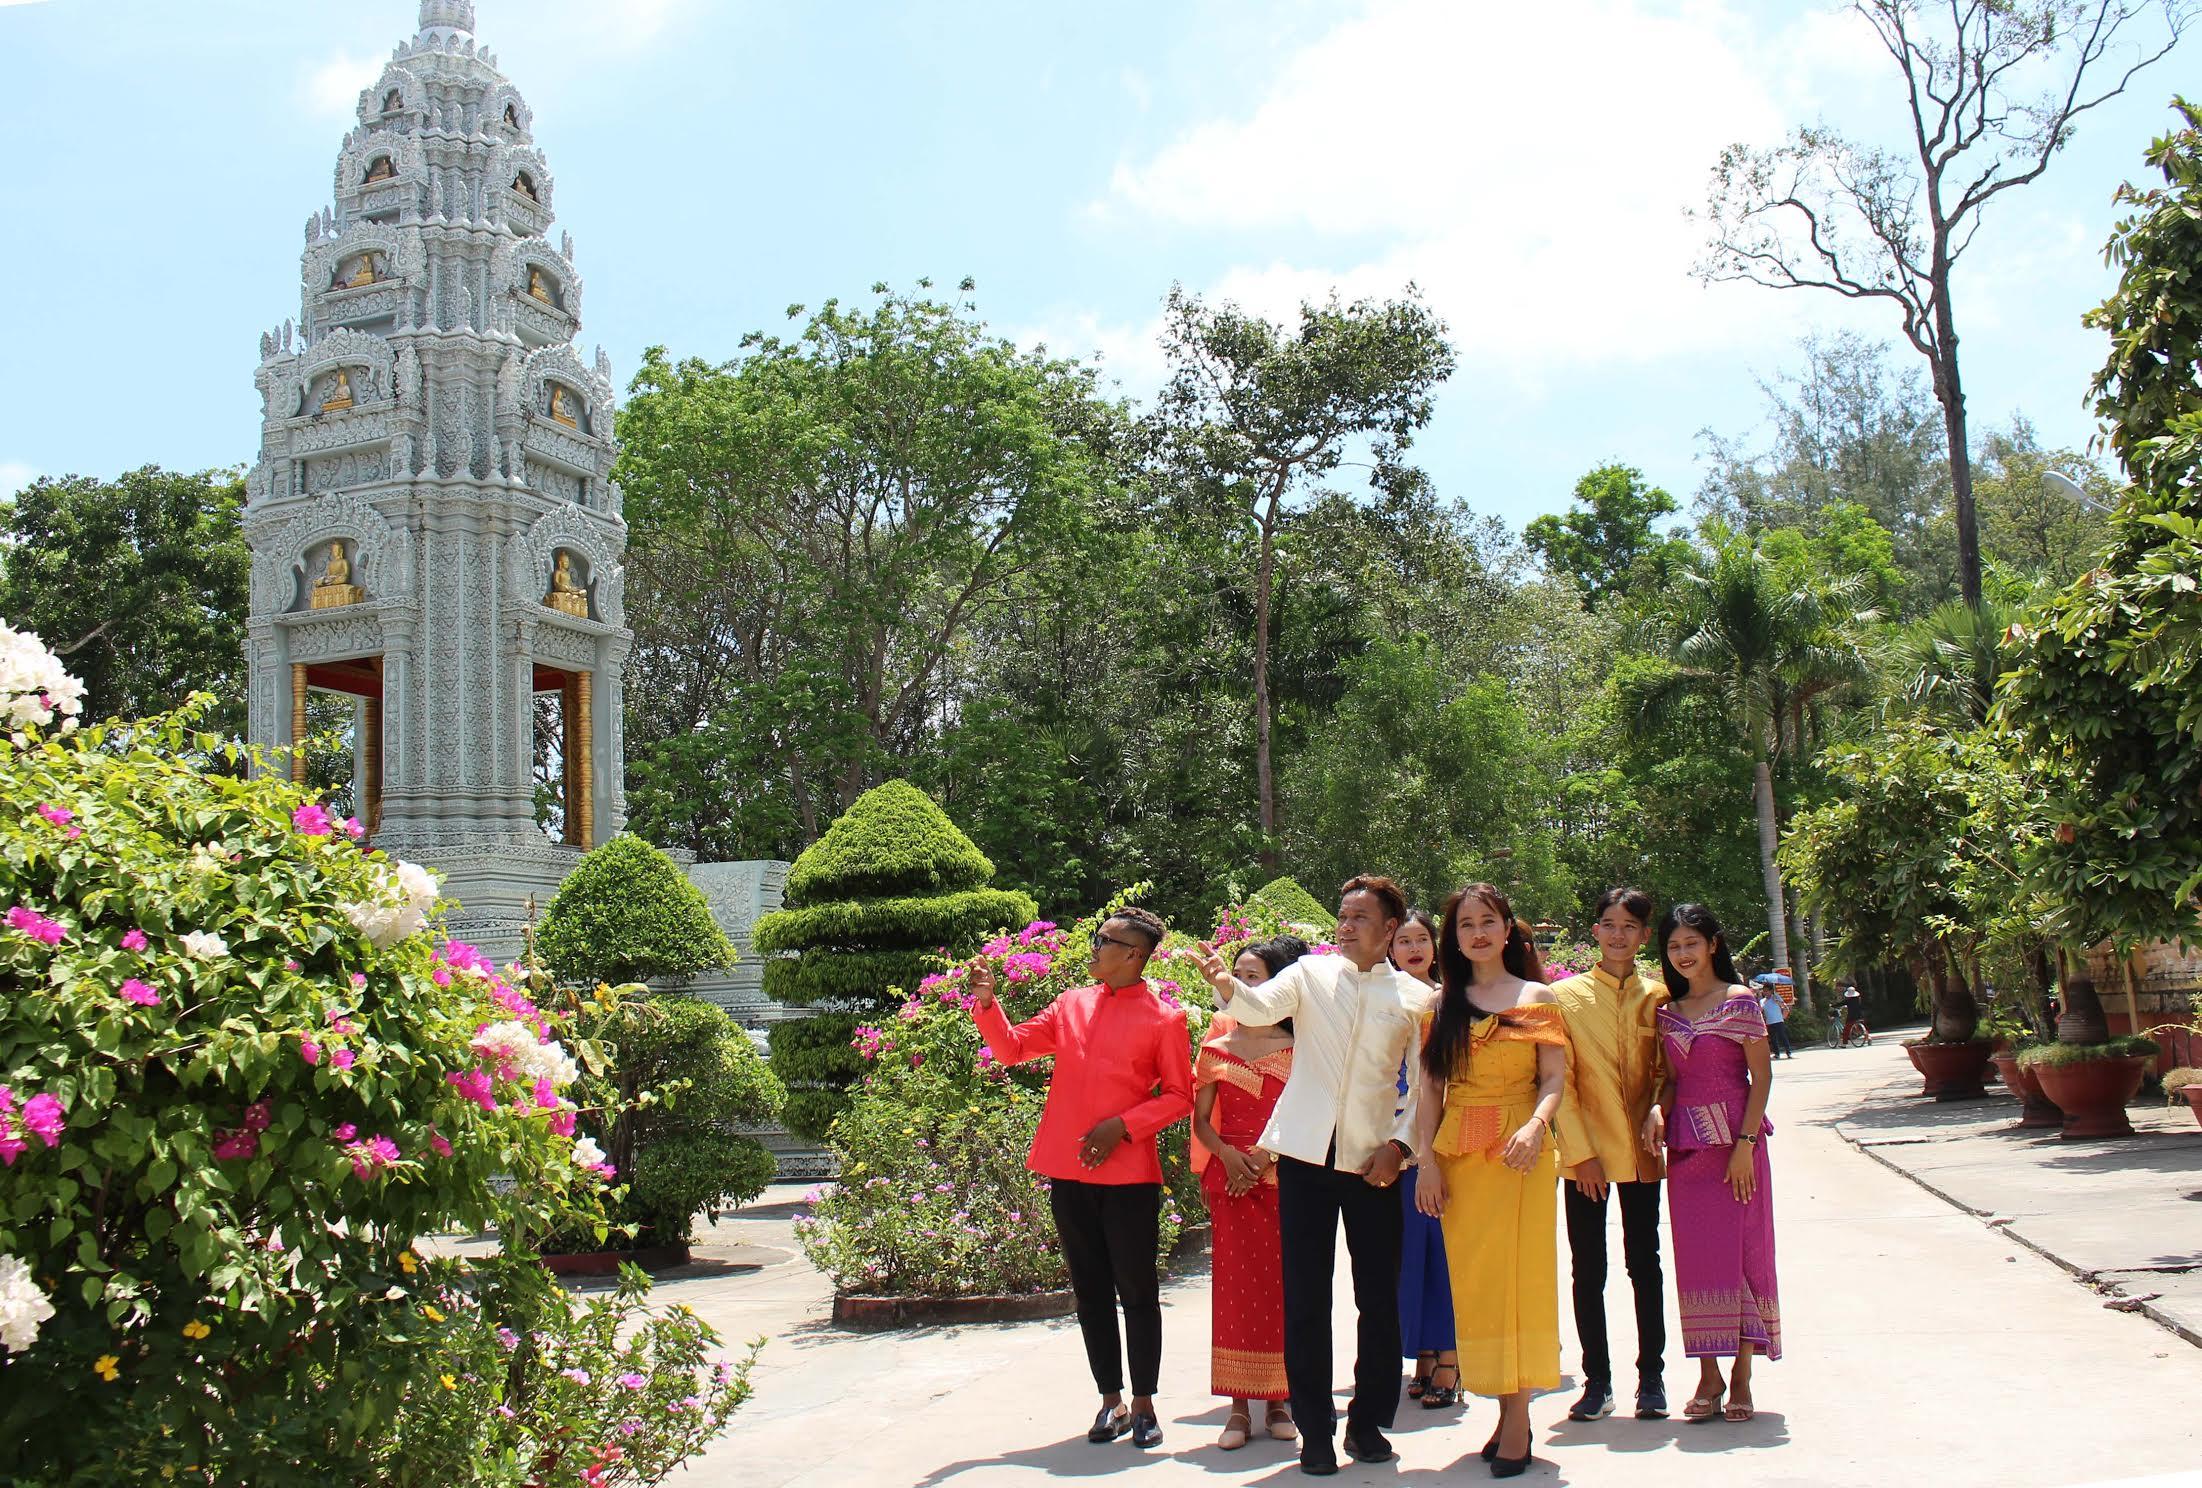 Các bạn trẻ cùng tập múa tại sân chùa Som Rong